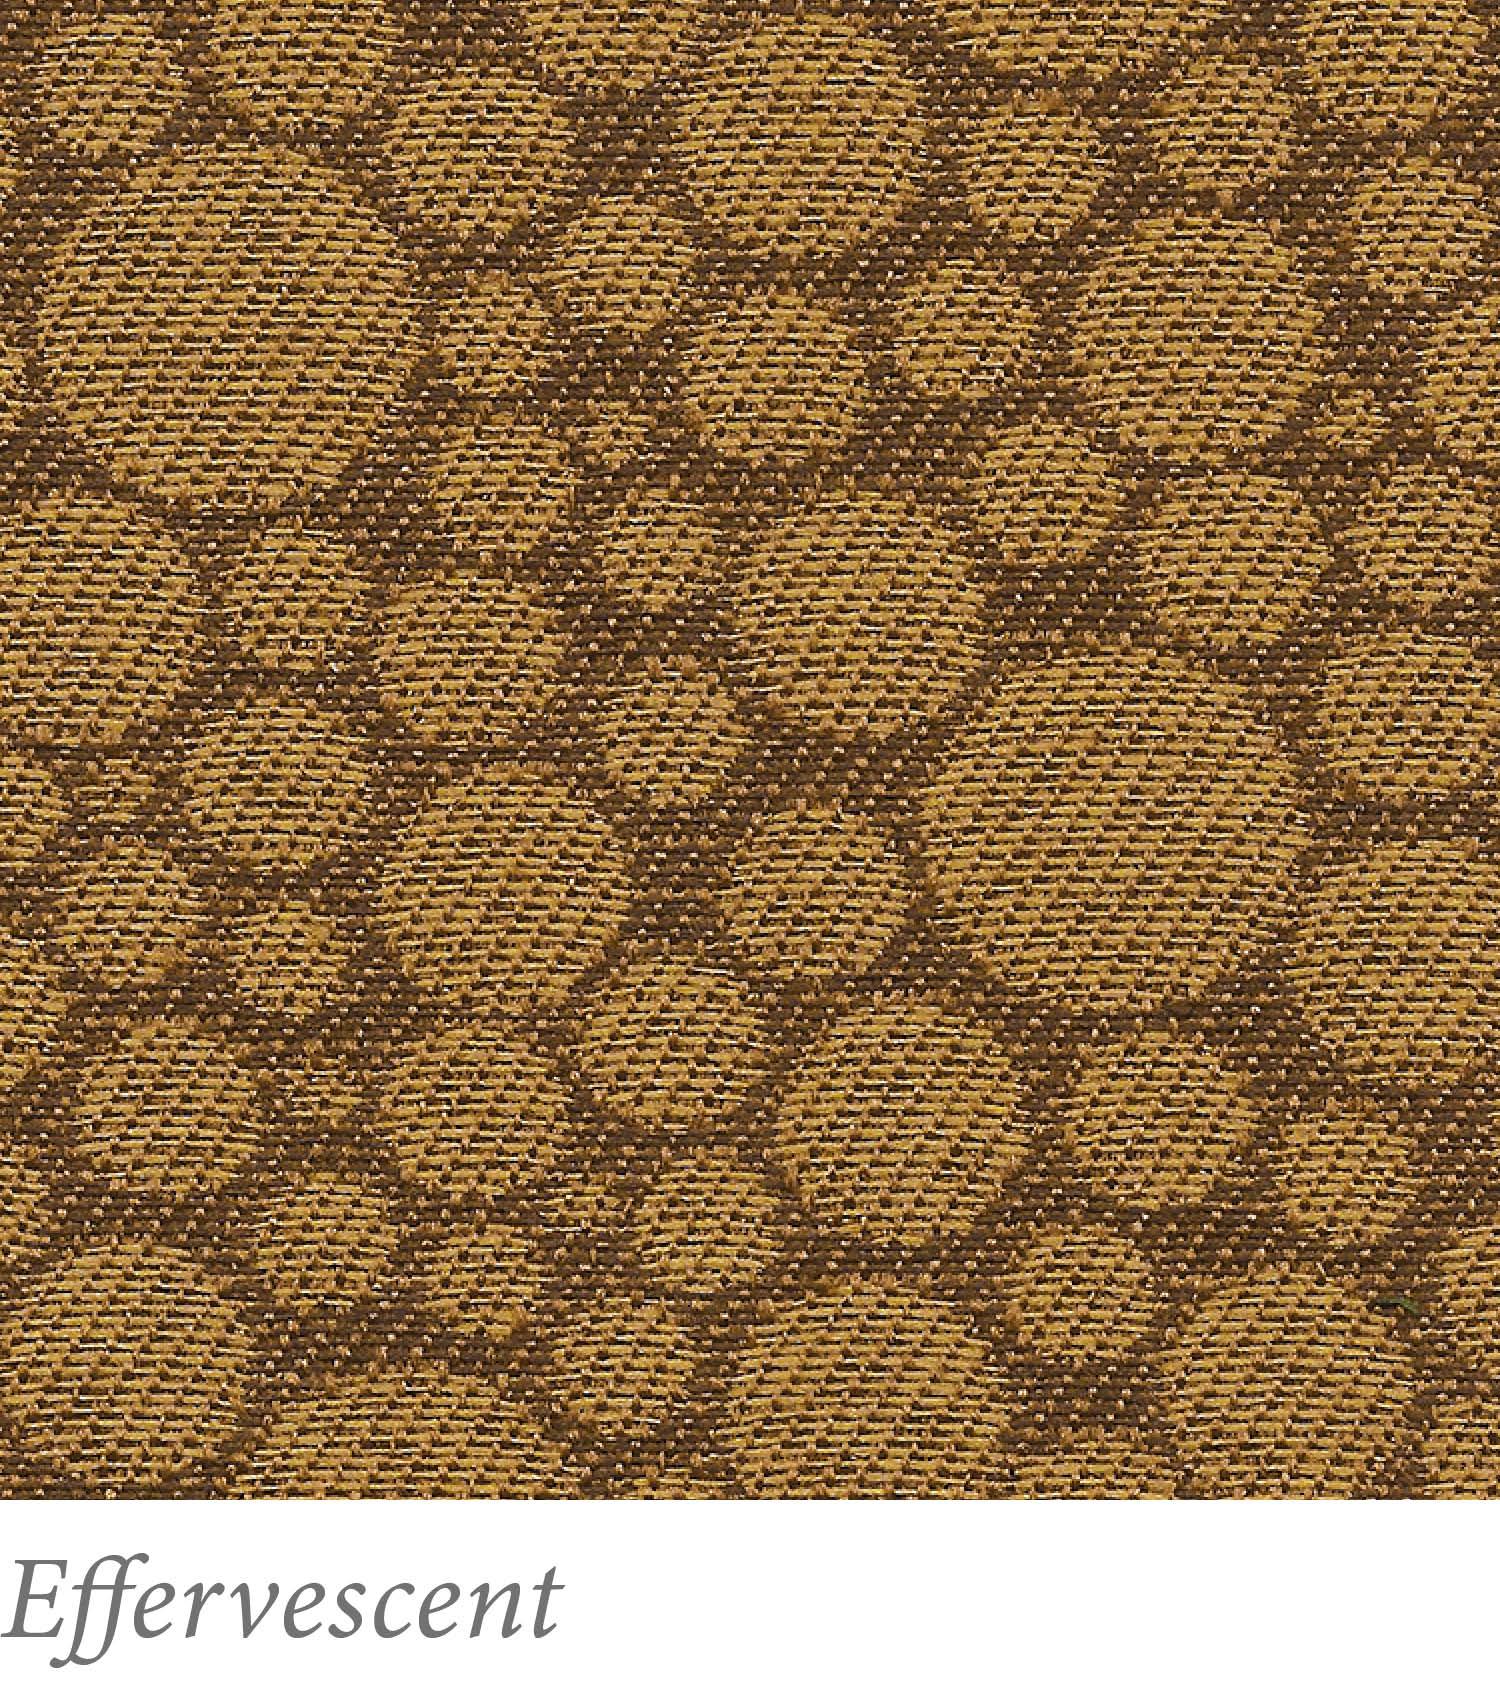 Effervescent.jpg